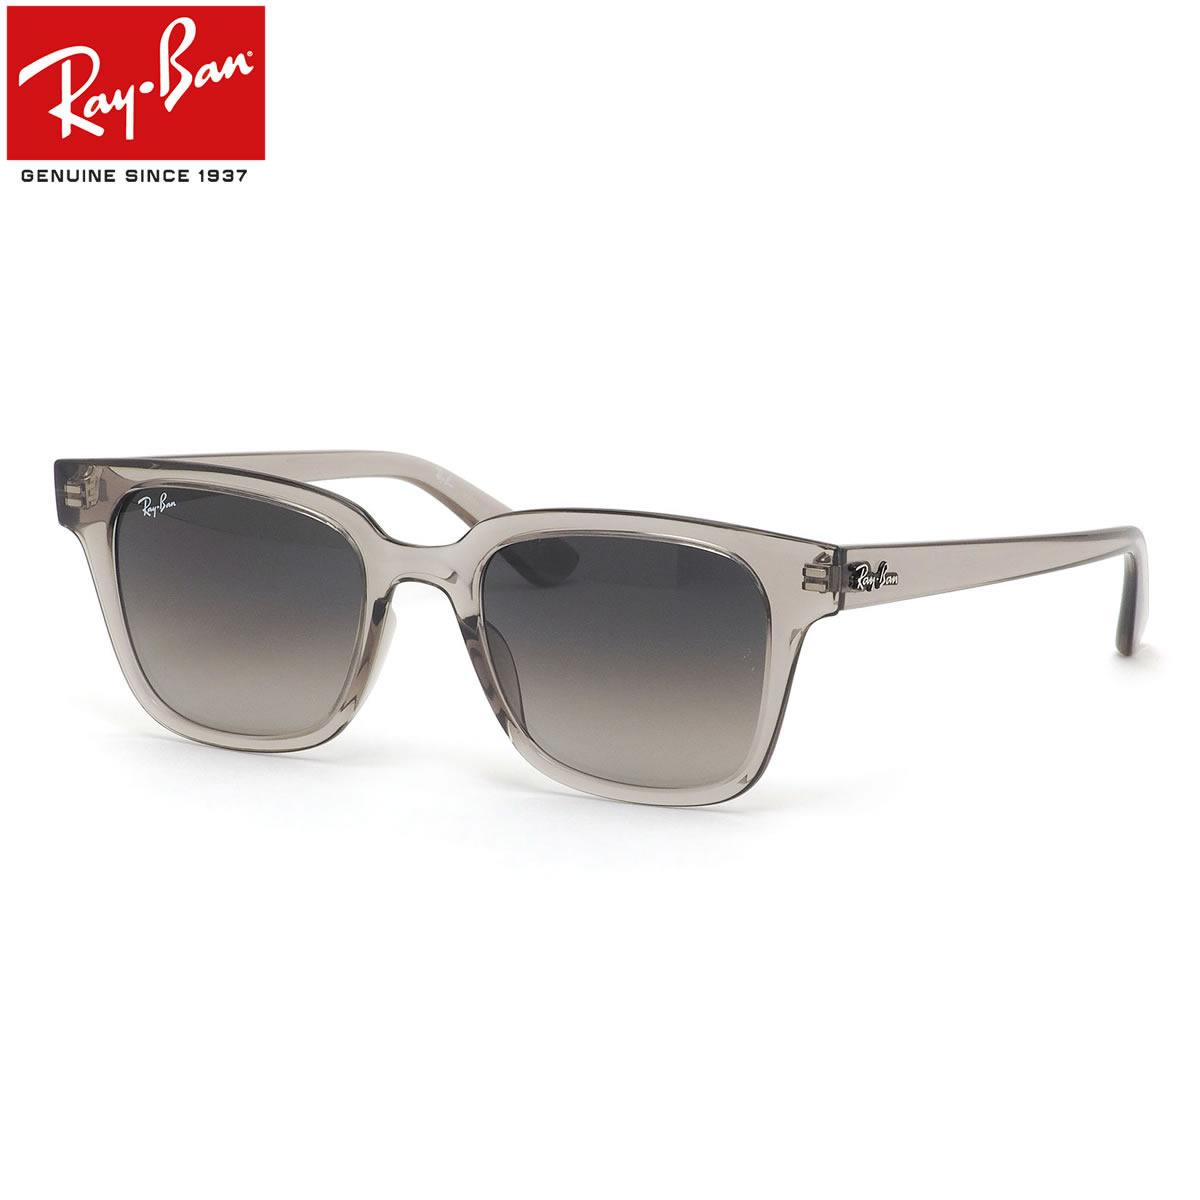 Ray-Ban レイバン サングラス RB4323F 644971 51サイズ HIGHSTREET ハイストリート クリア メンズ レディース